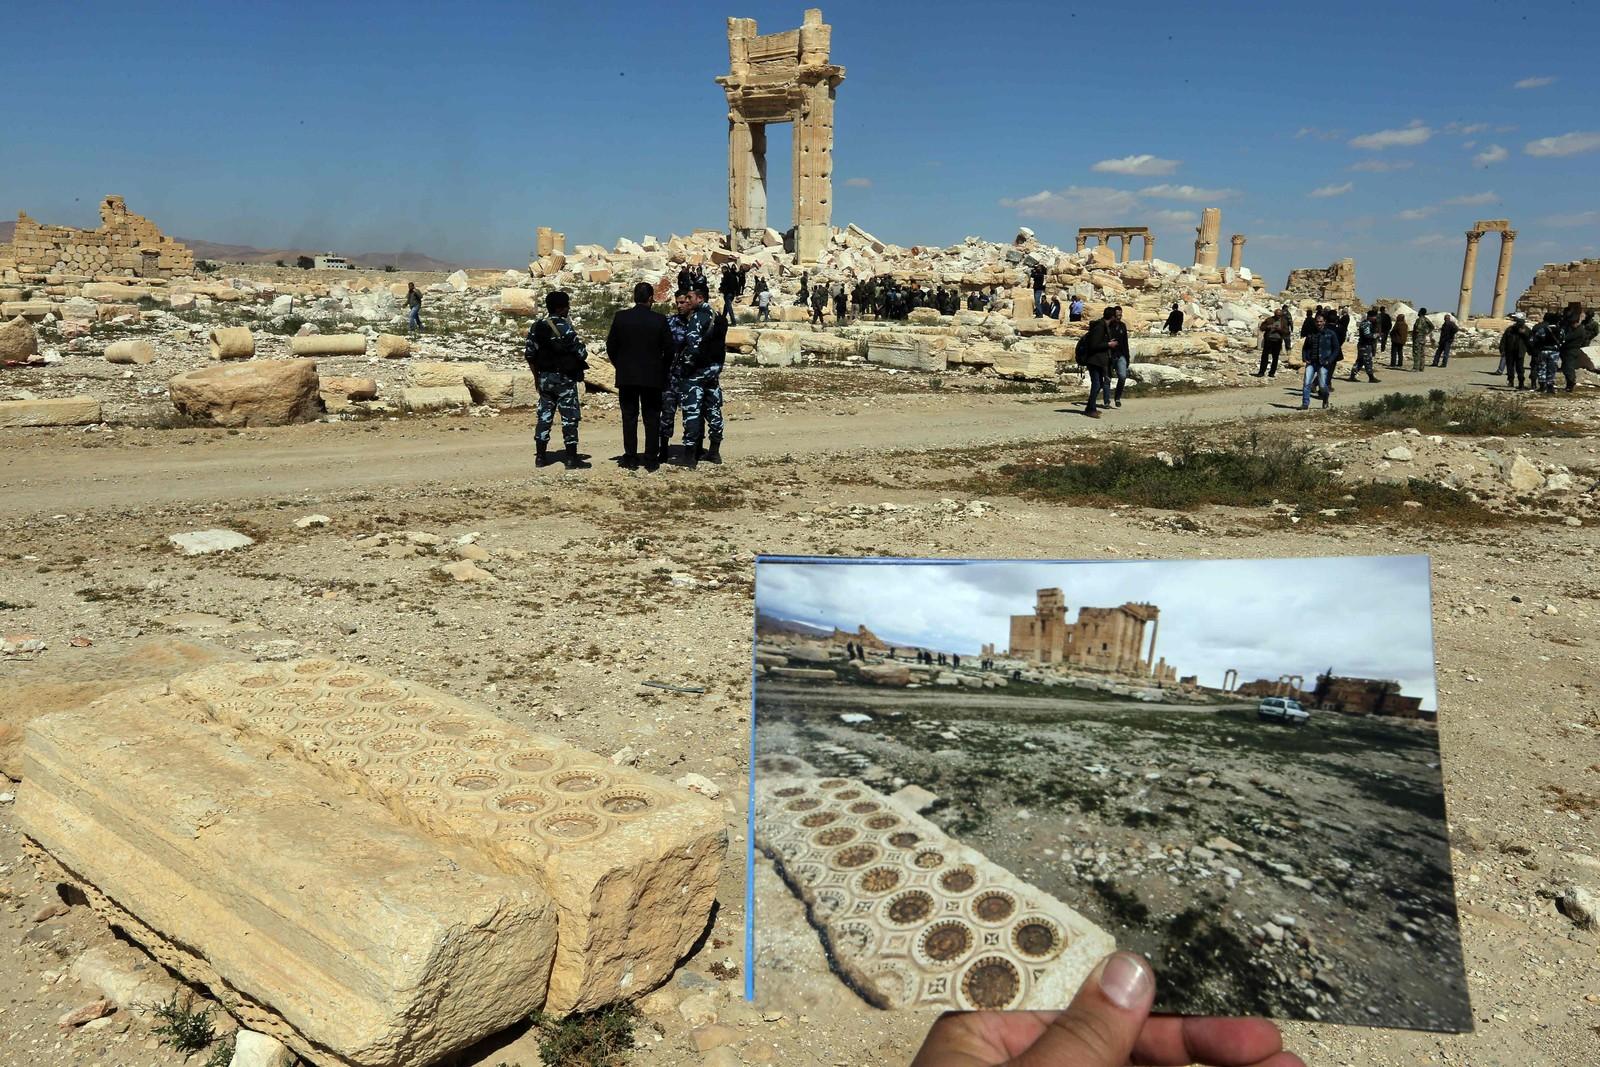 Det historiske tempelet er totalødelagt etter IS-eksplosjonene.